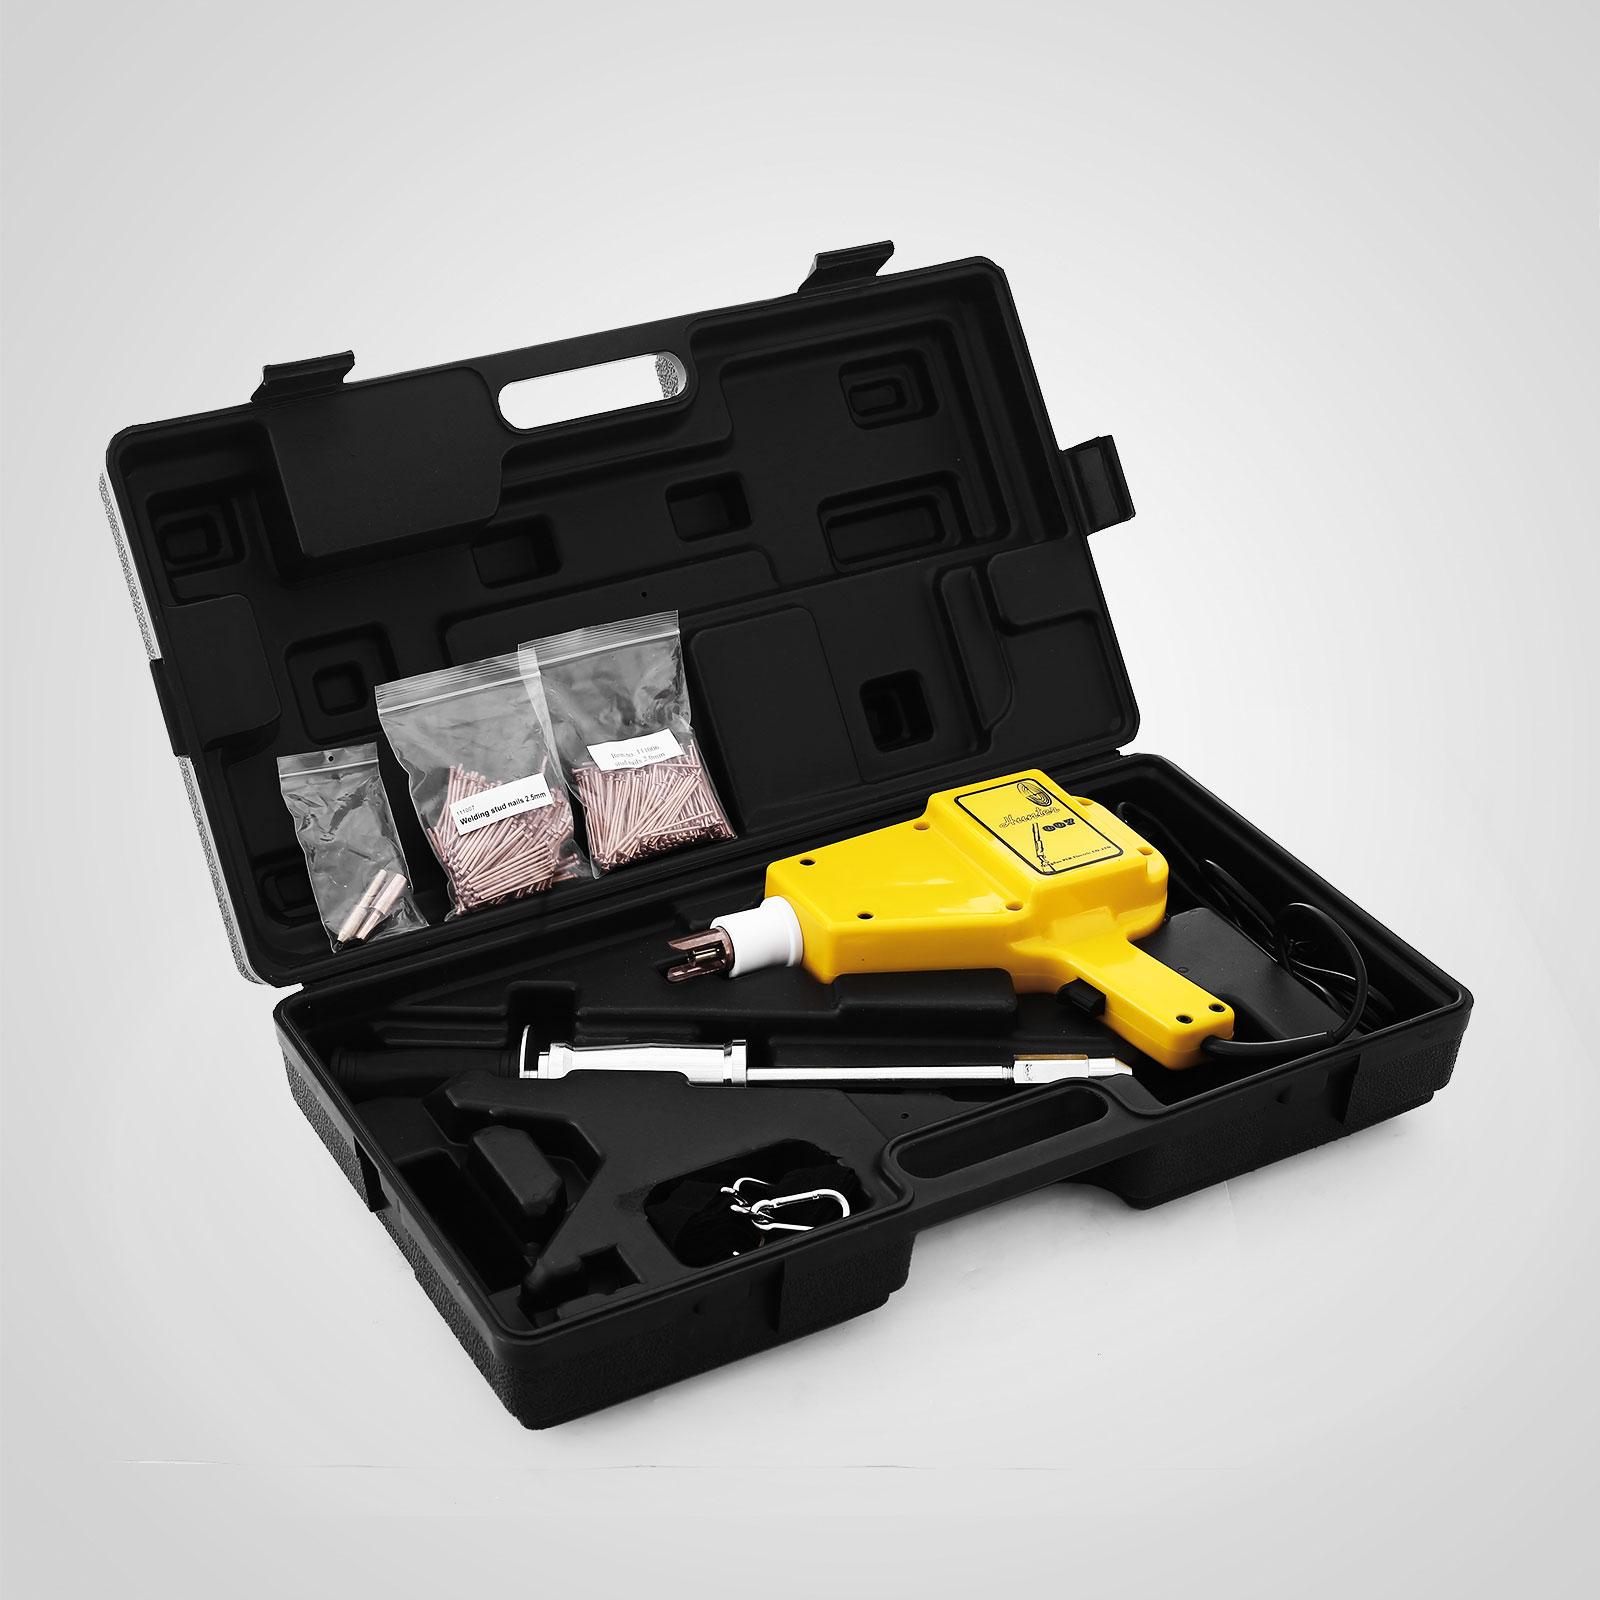 stud welder dent puller kit for car repair gun welder dent